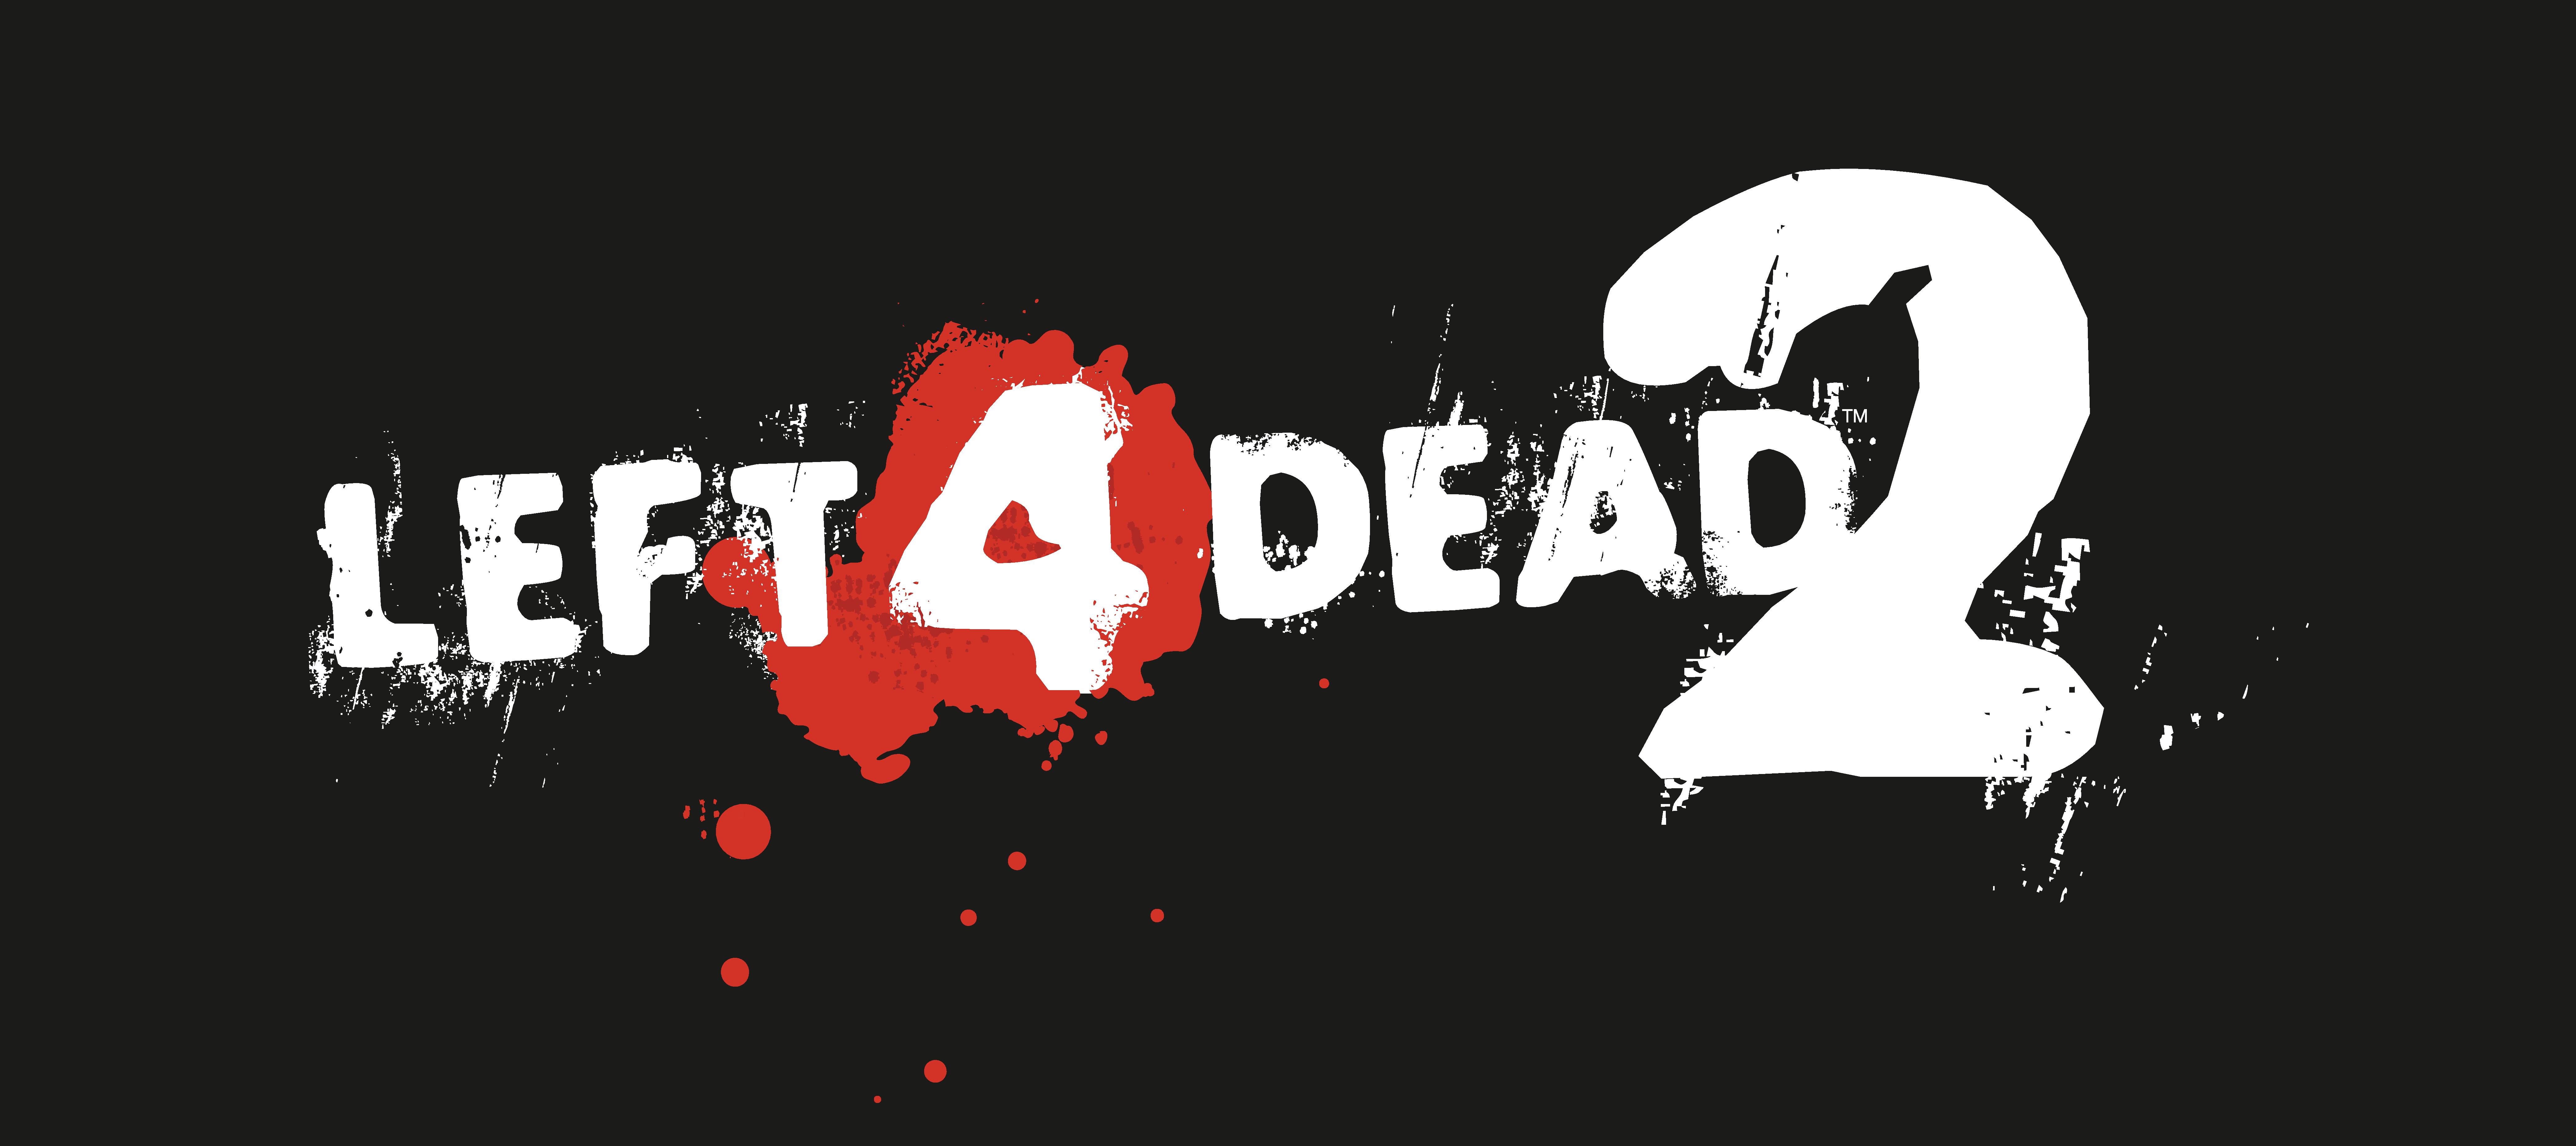 Art - valvearchive com > archive > Left 4 Dead > Left 4 Dead 2 > Art